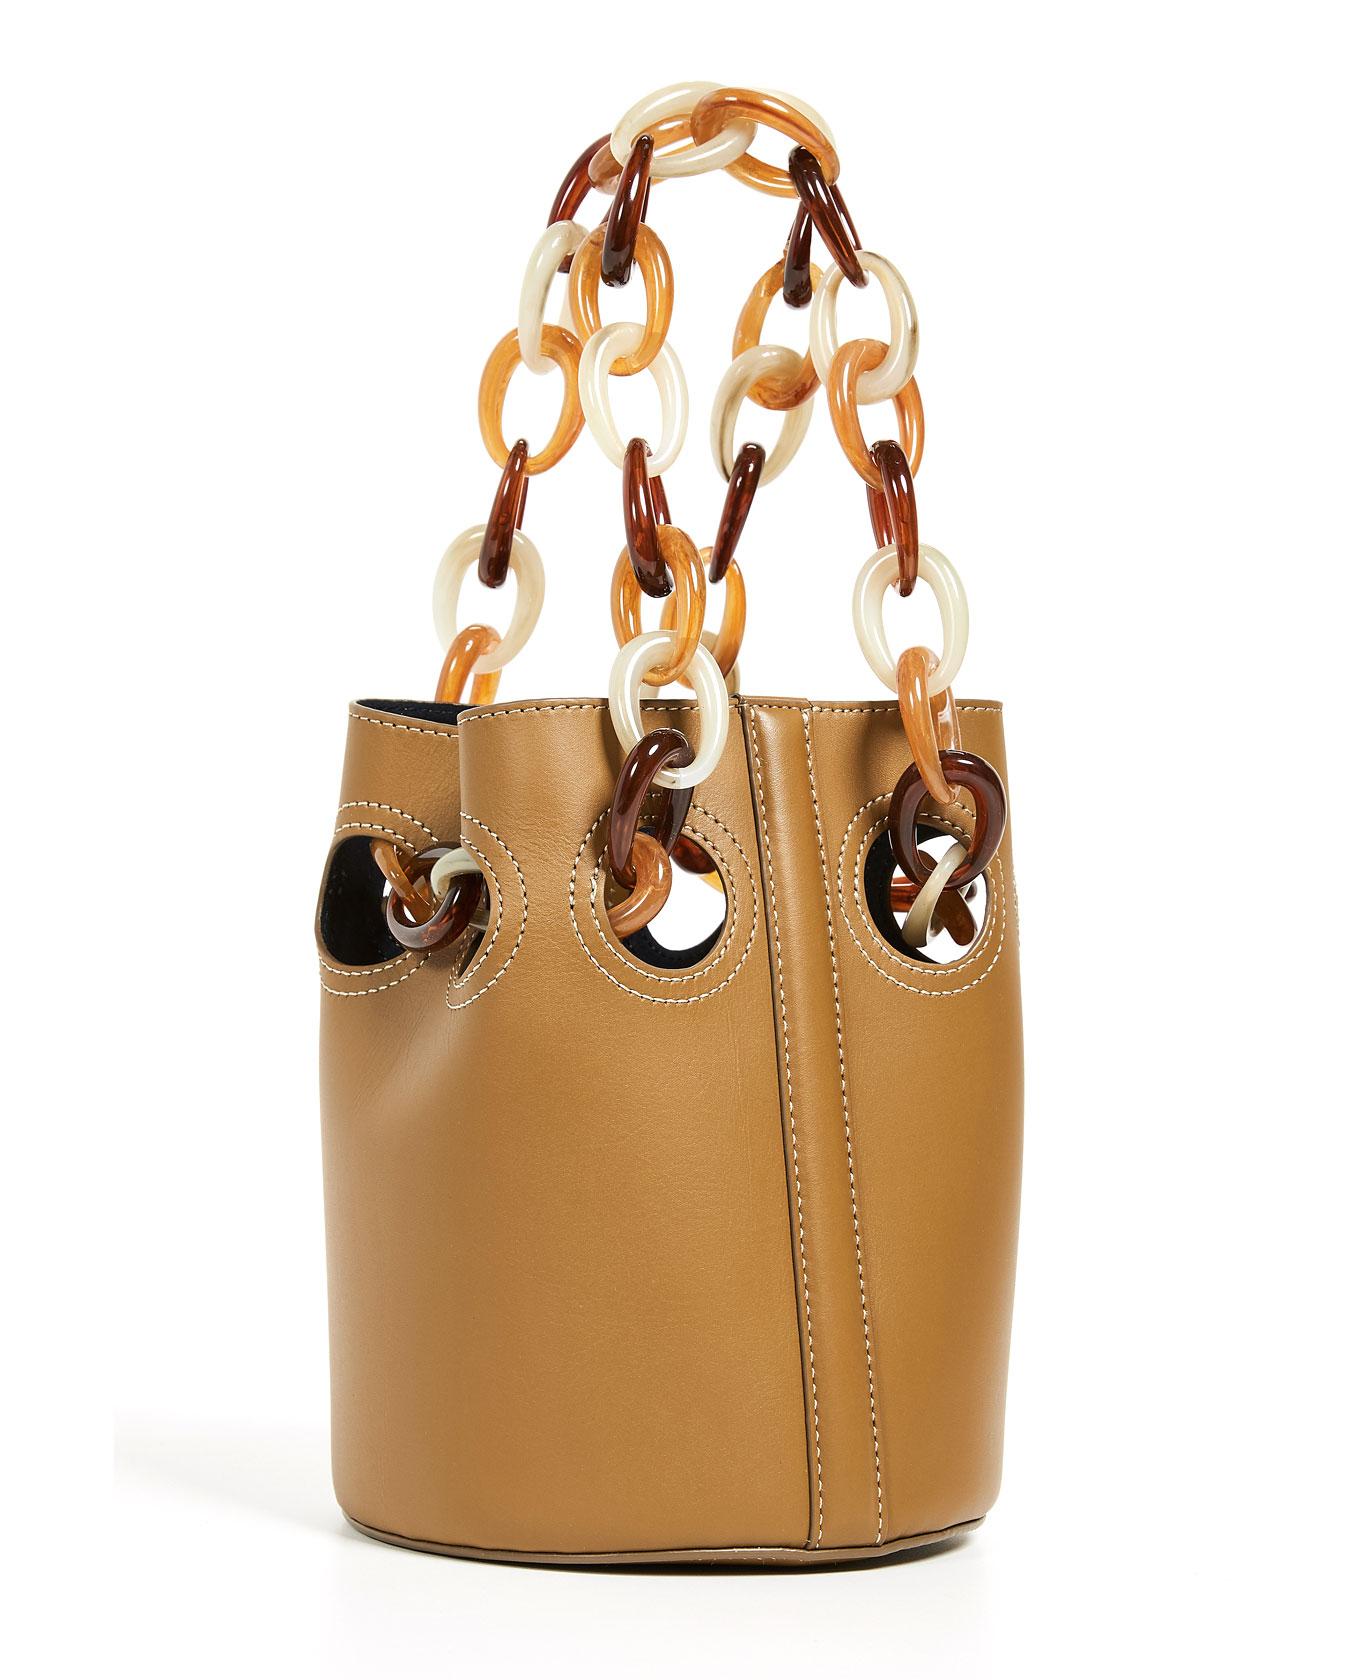 Trademark Bag     $378